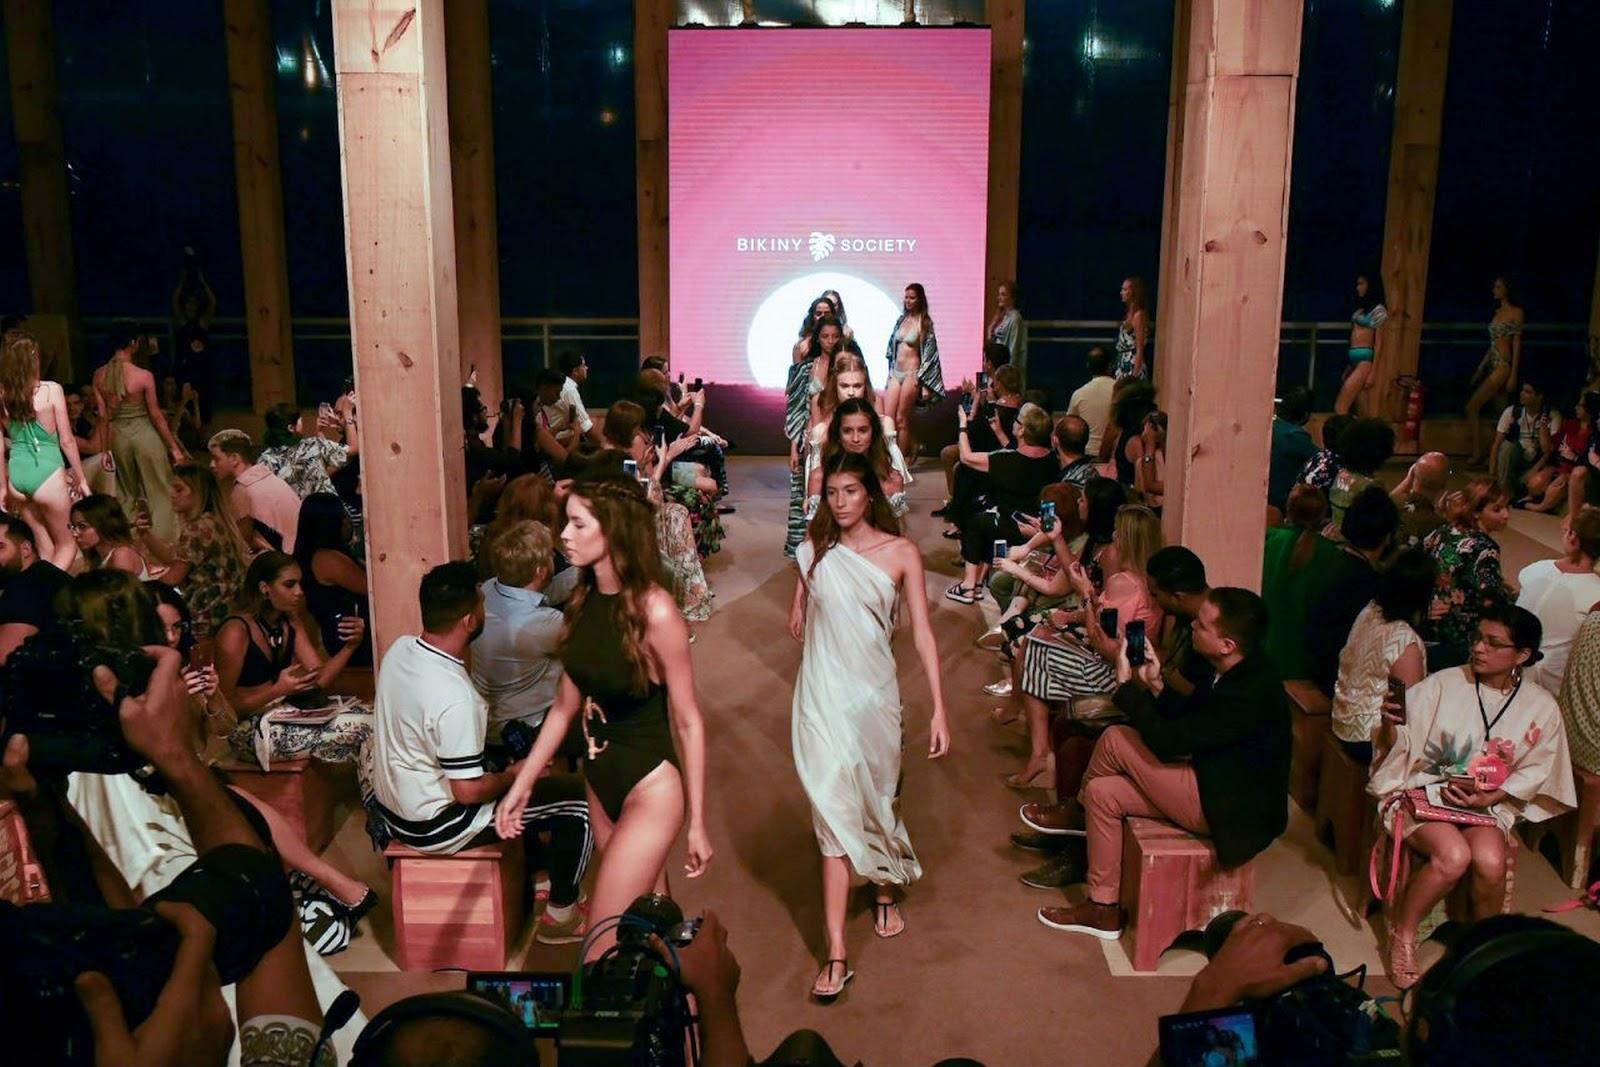 6a716d84b386 Que venha o Dragão Fashion Brasil (DFB) Festival 2019, que terá a 20ª  edição do evento, que se consagra como uma das principais fashion weeks do  País.